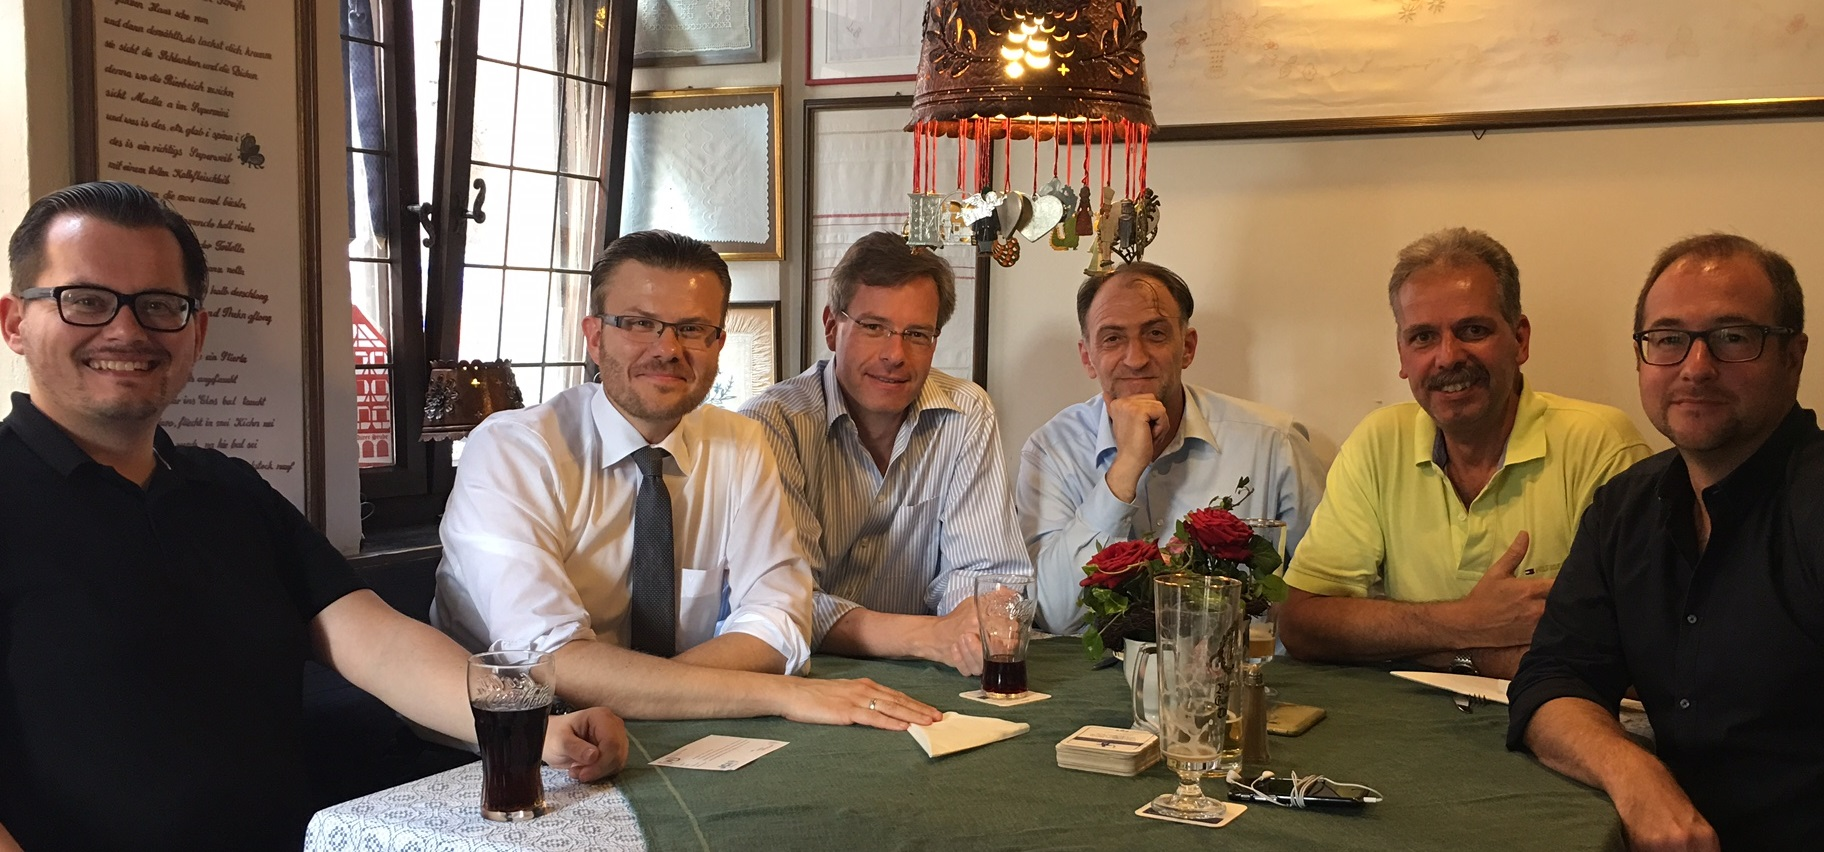 Zu Tisch mit Marcus König